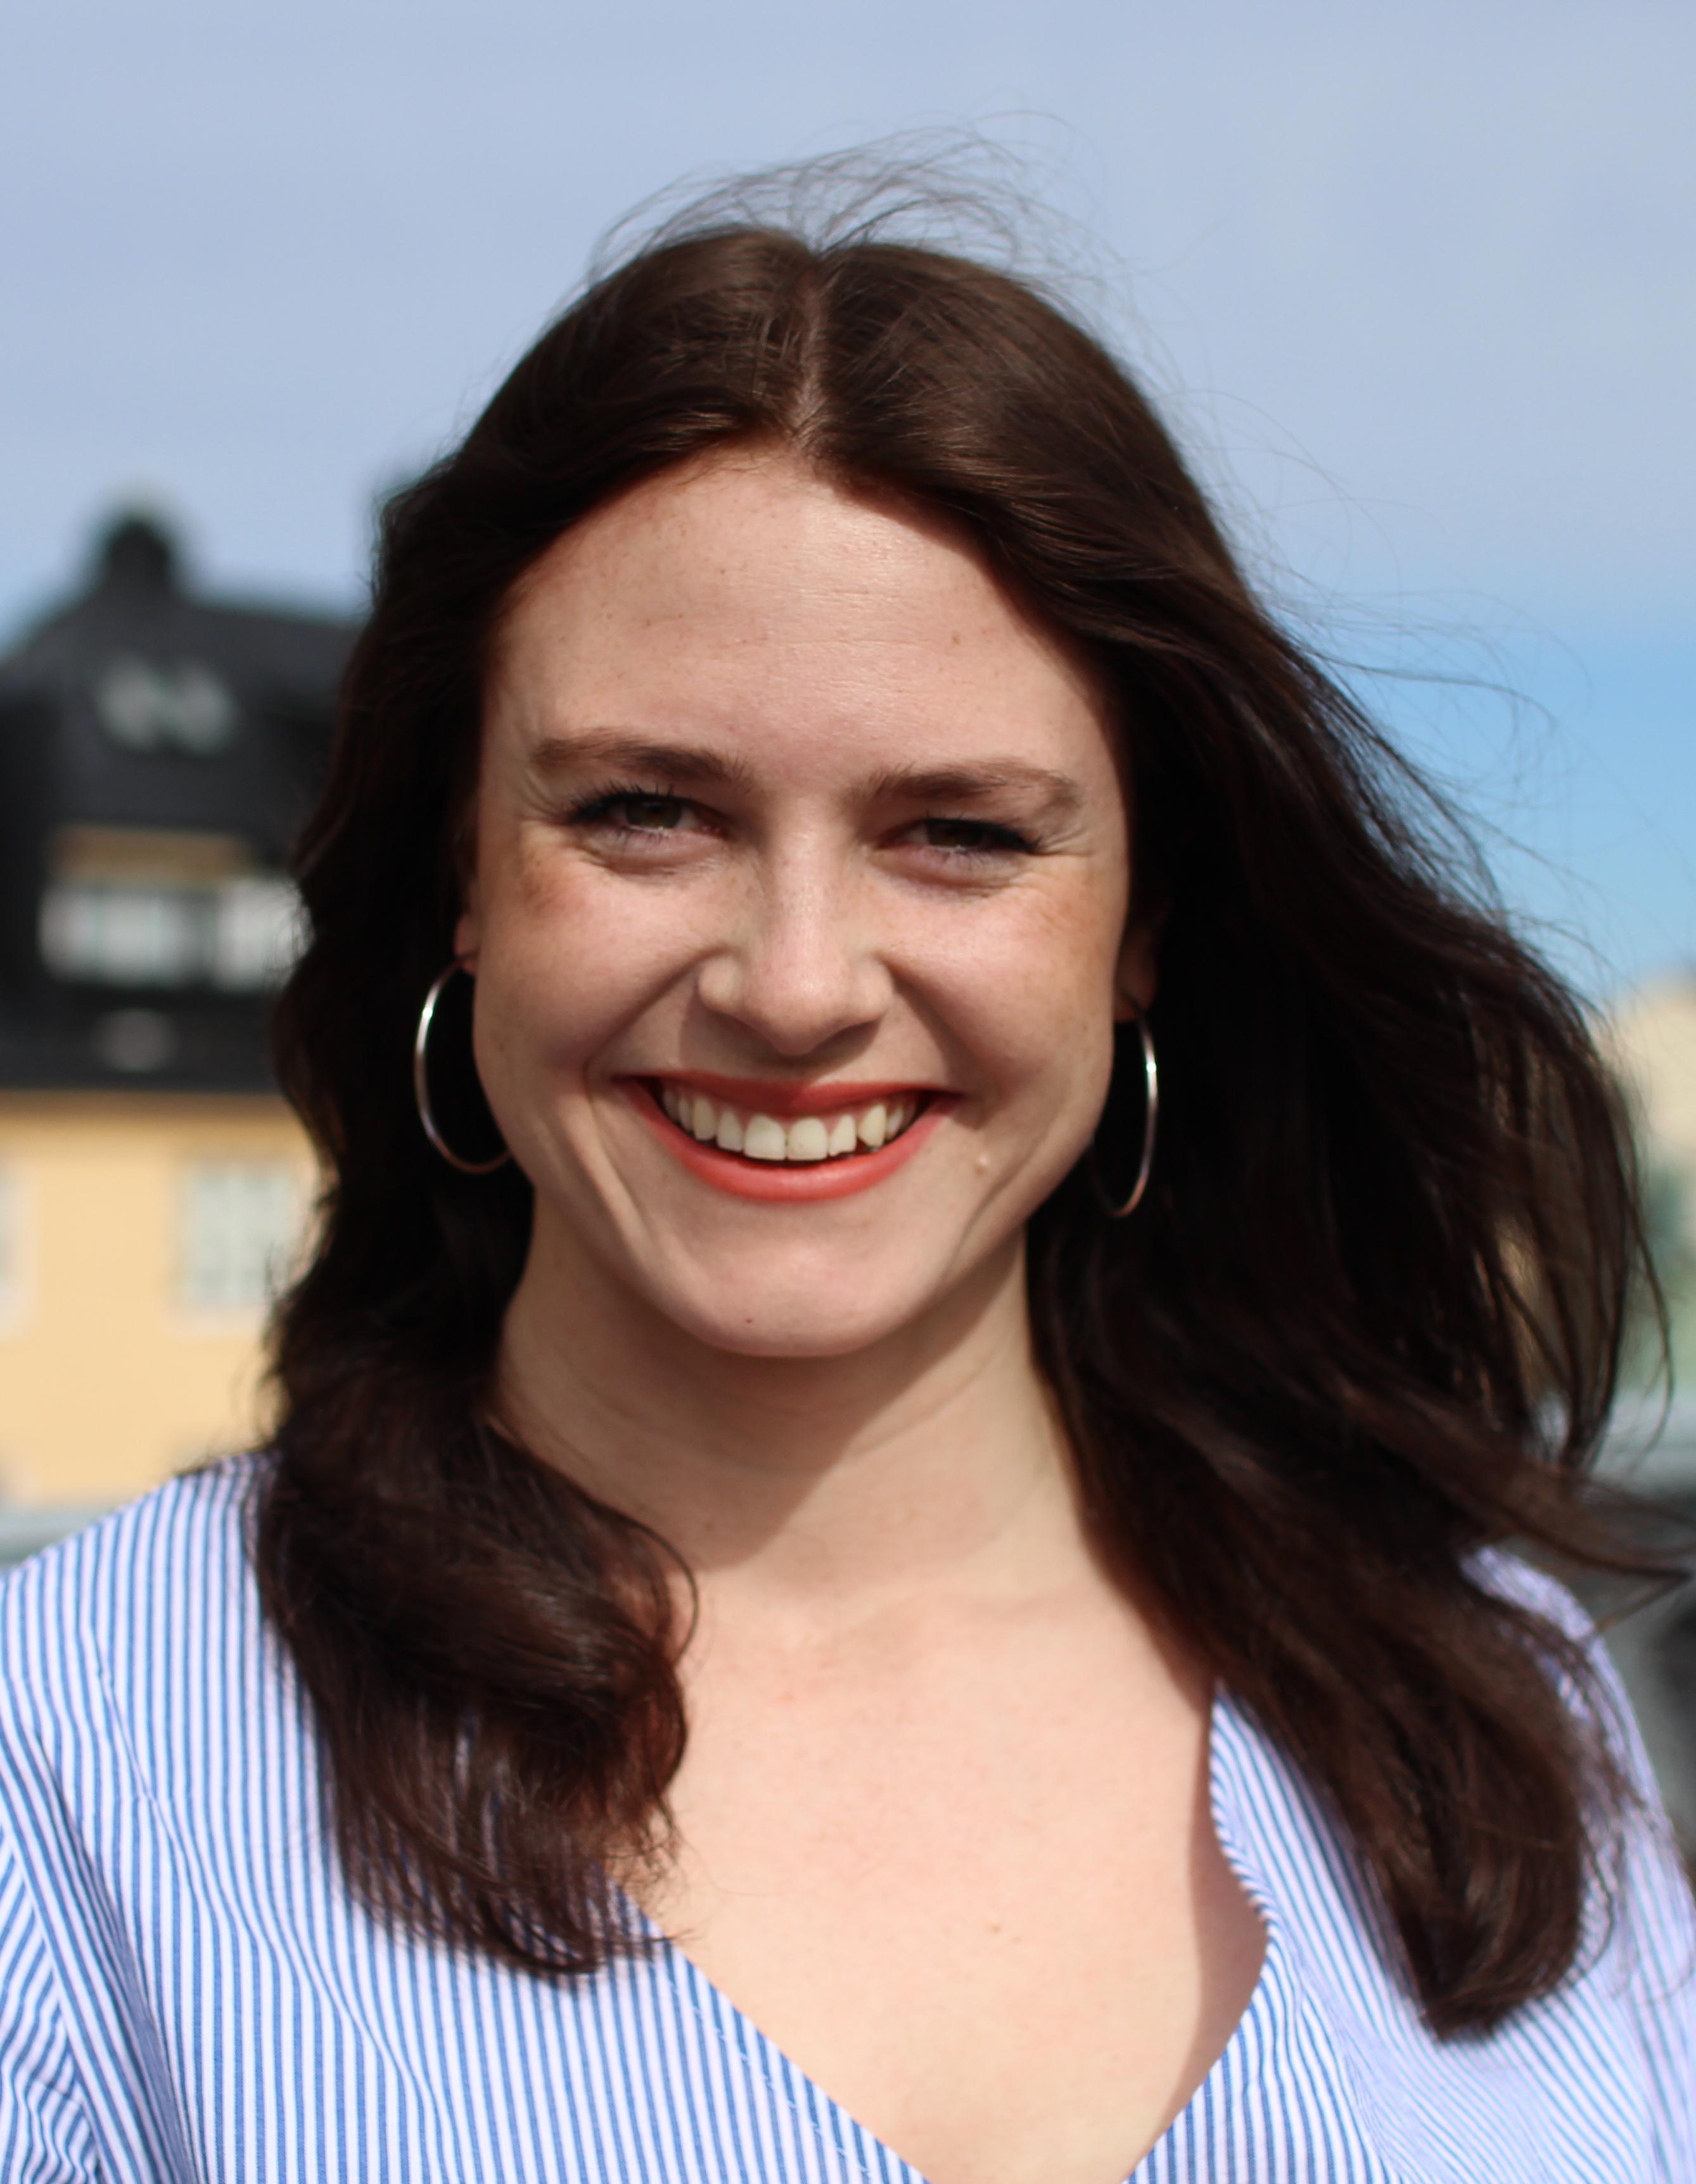 Emilie Tilstam